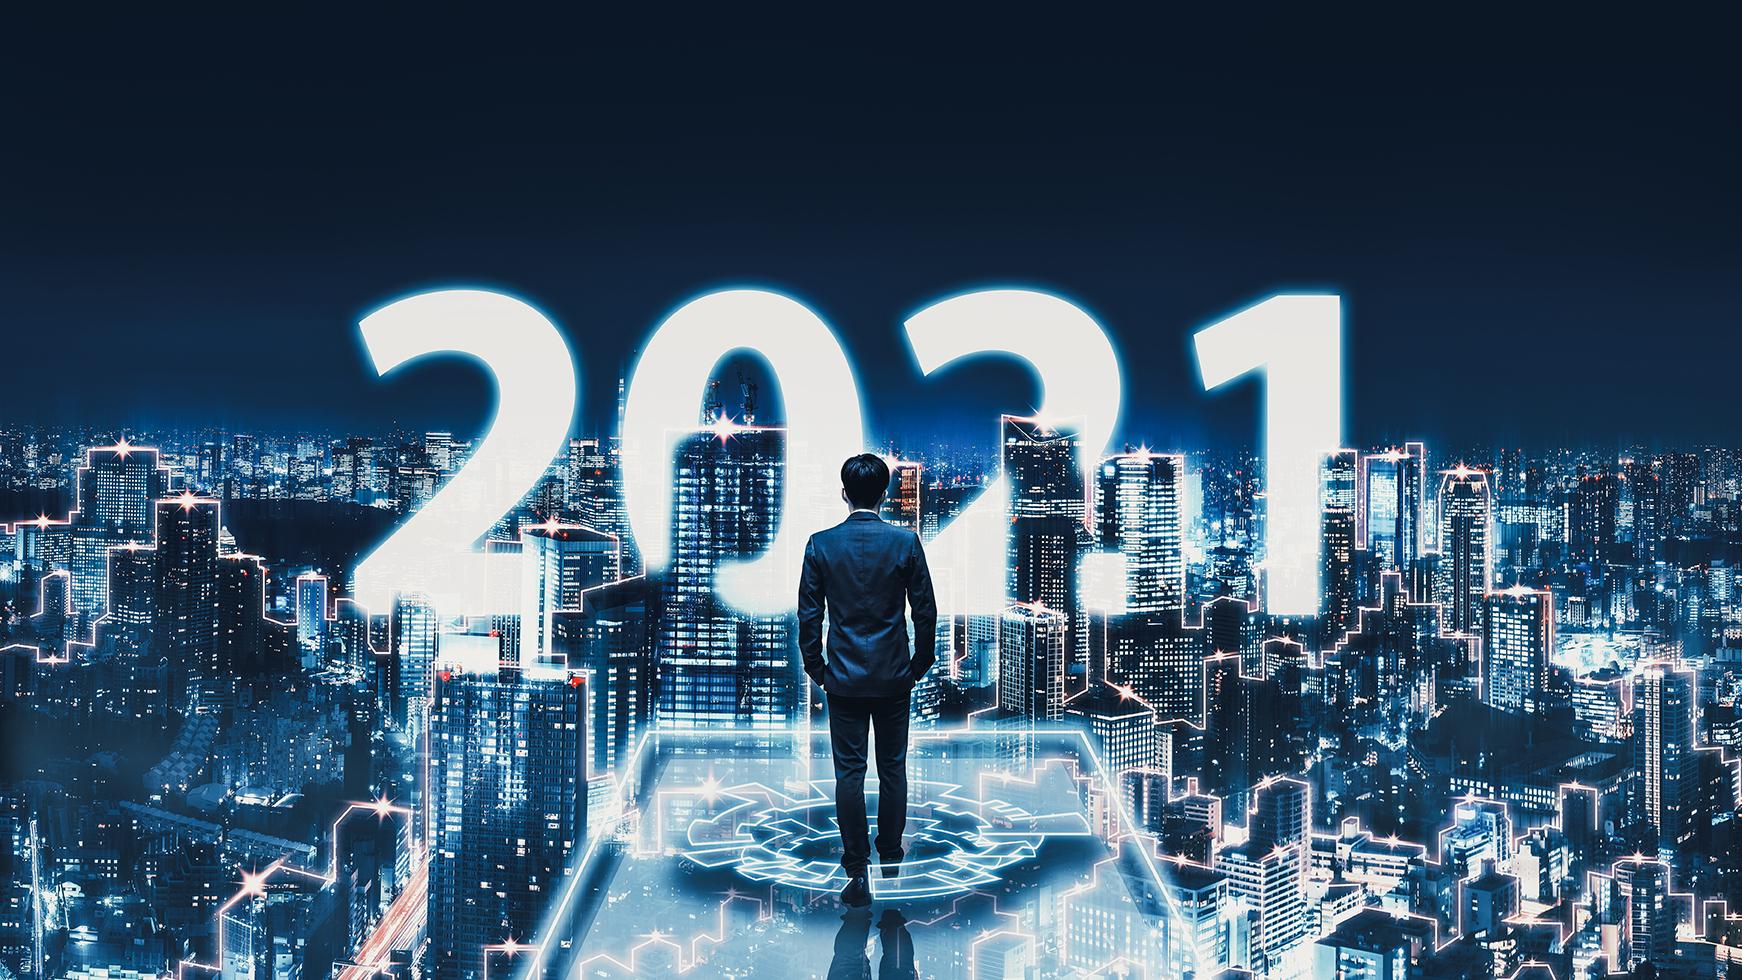 Nel 2021 non solo tech